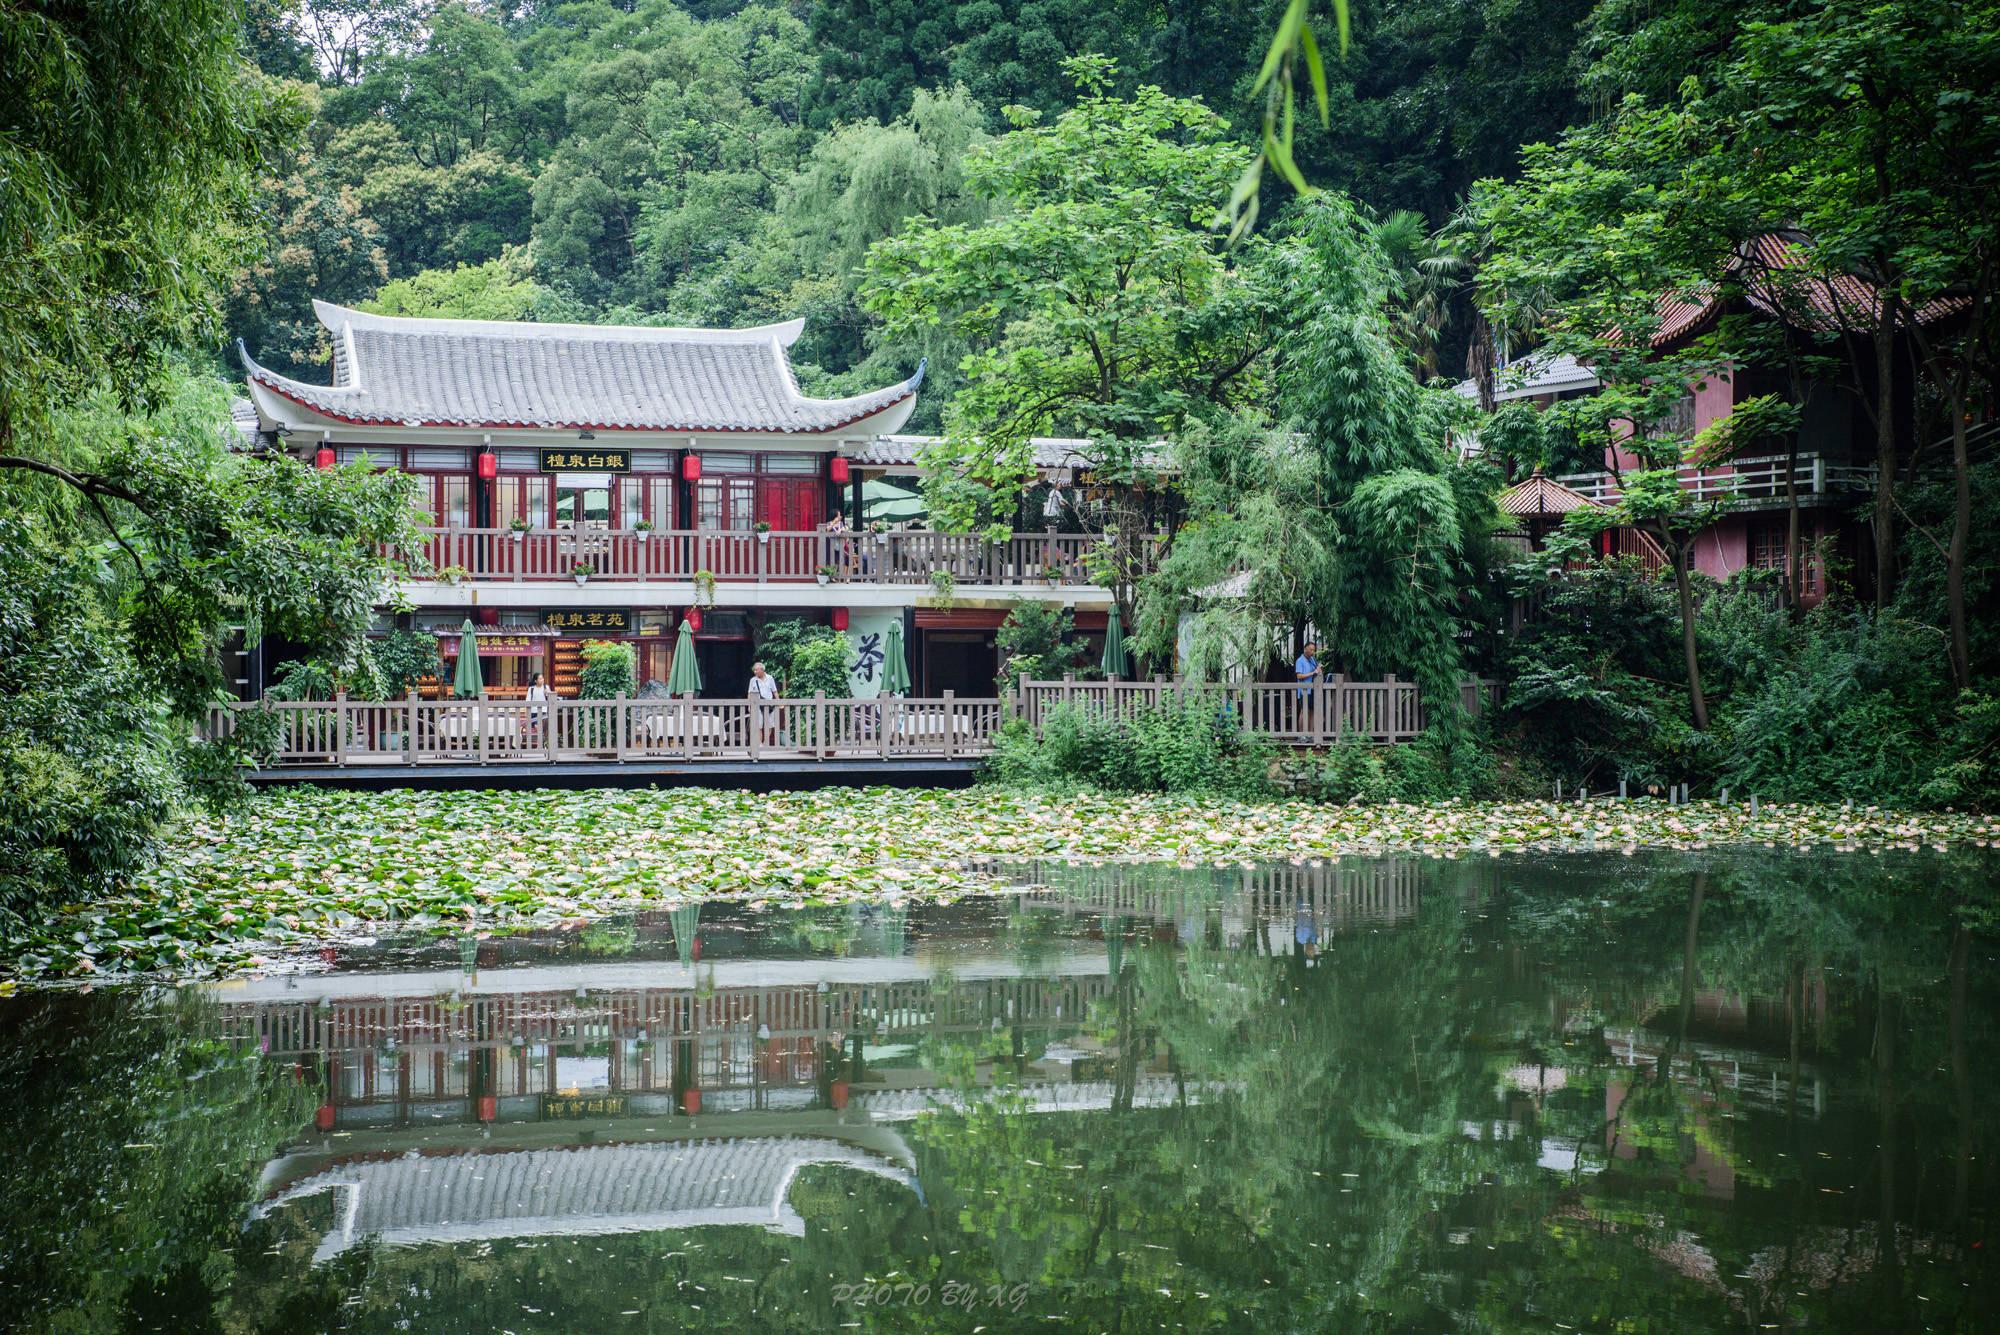 原创             贵阳这三个目的地,是旅游者必打卡的景点,也是首选的网红打卡地